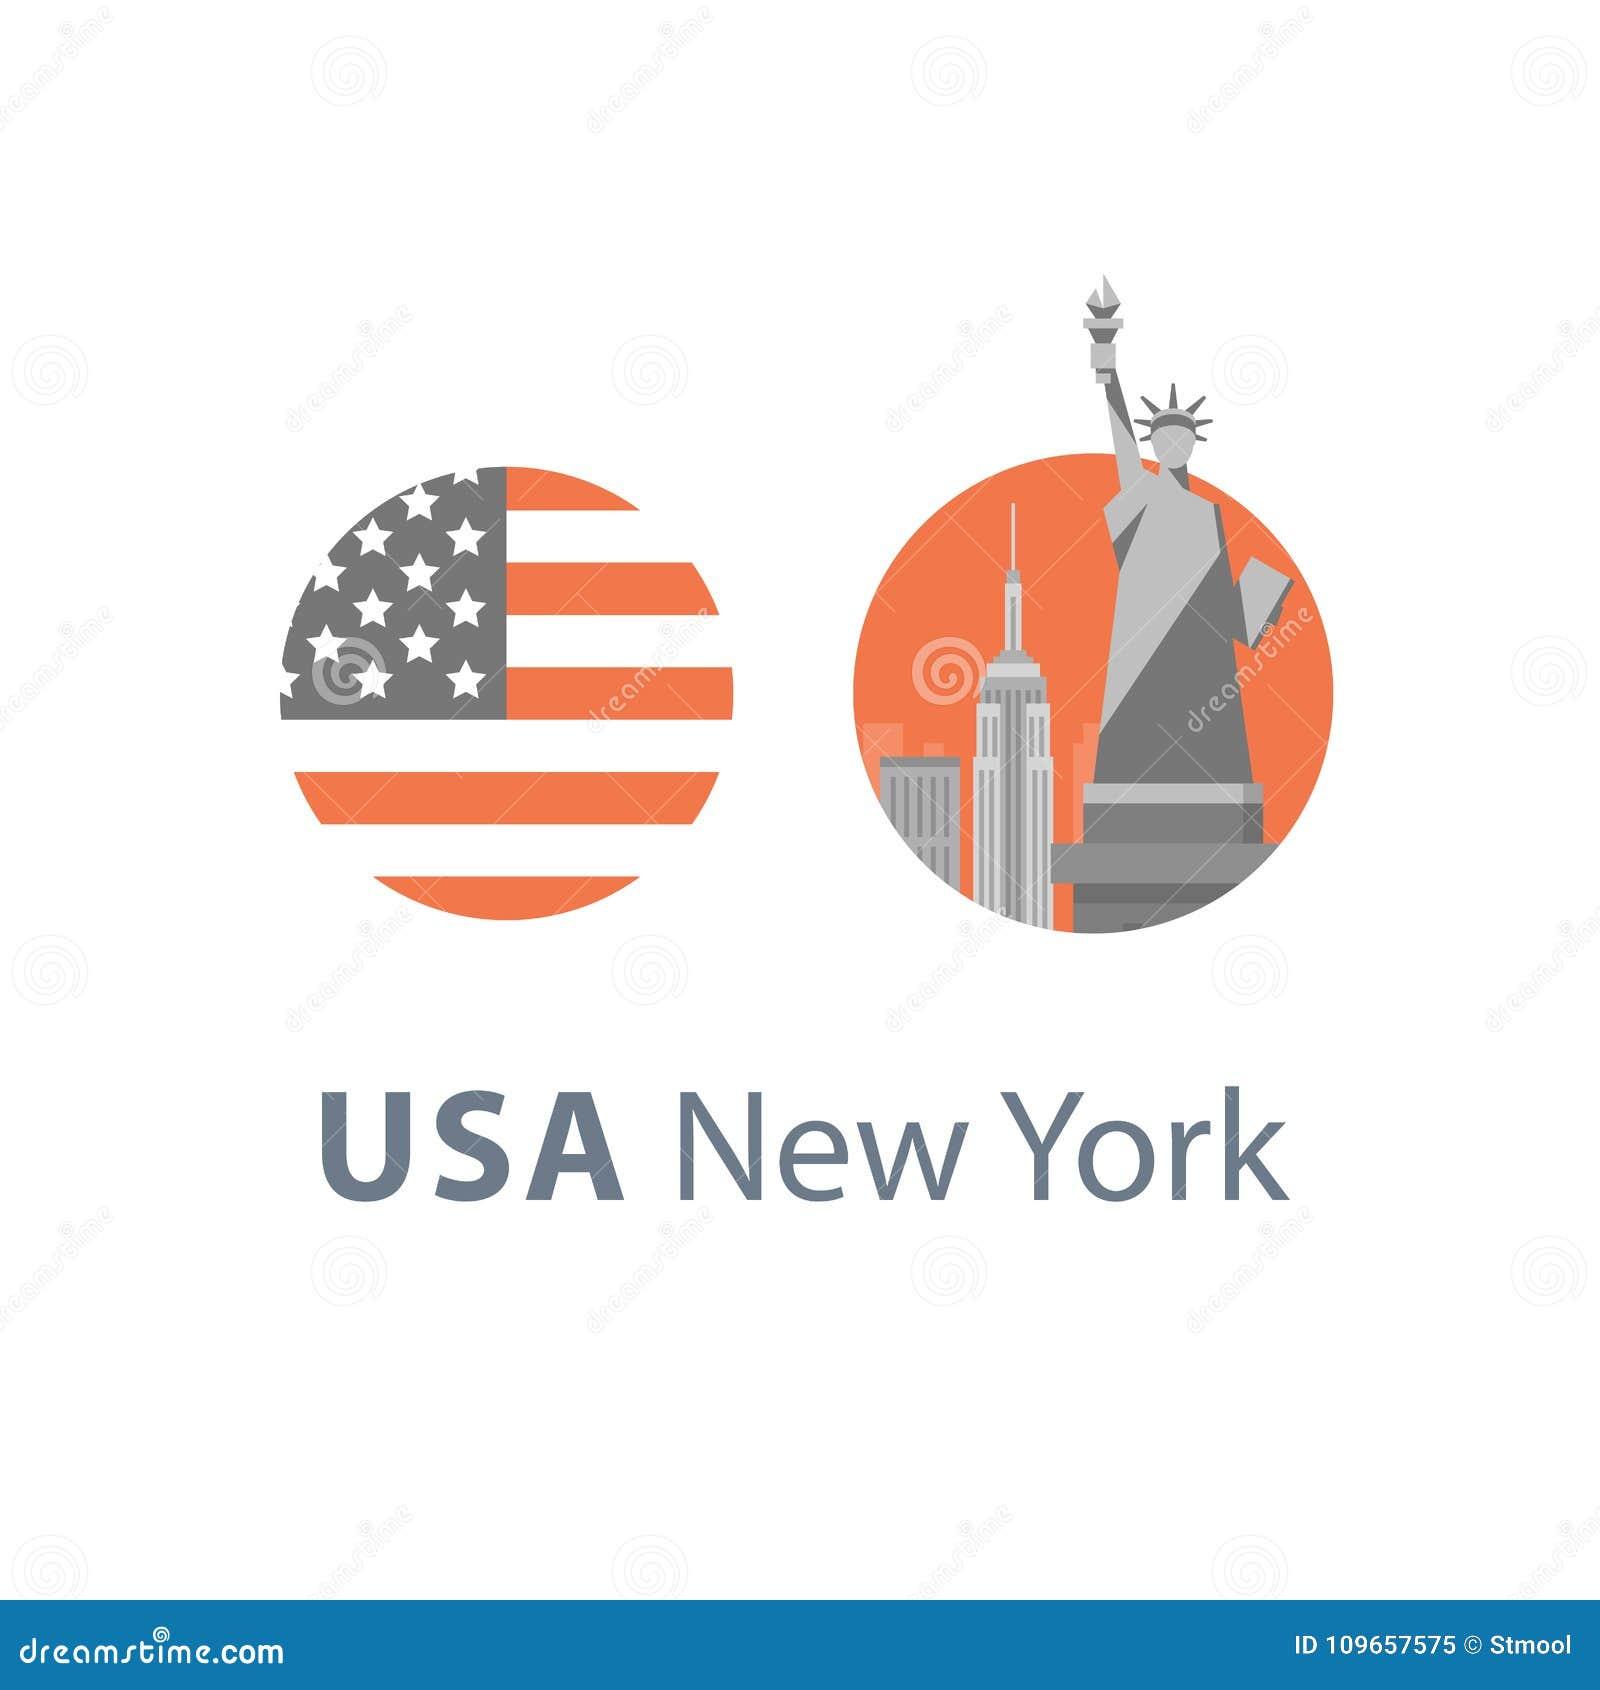 Estátua da liberdade, símbolo de New York, destino do curso, marco famoso, Estados Unidos da América, conceito inglês da educação